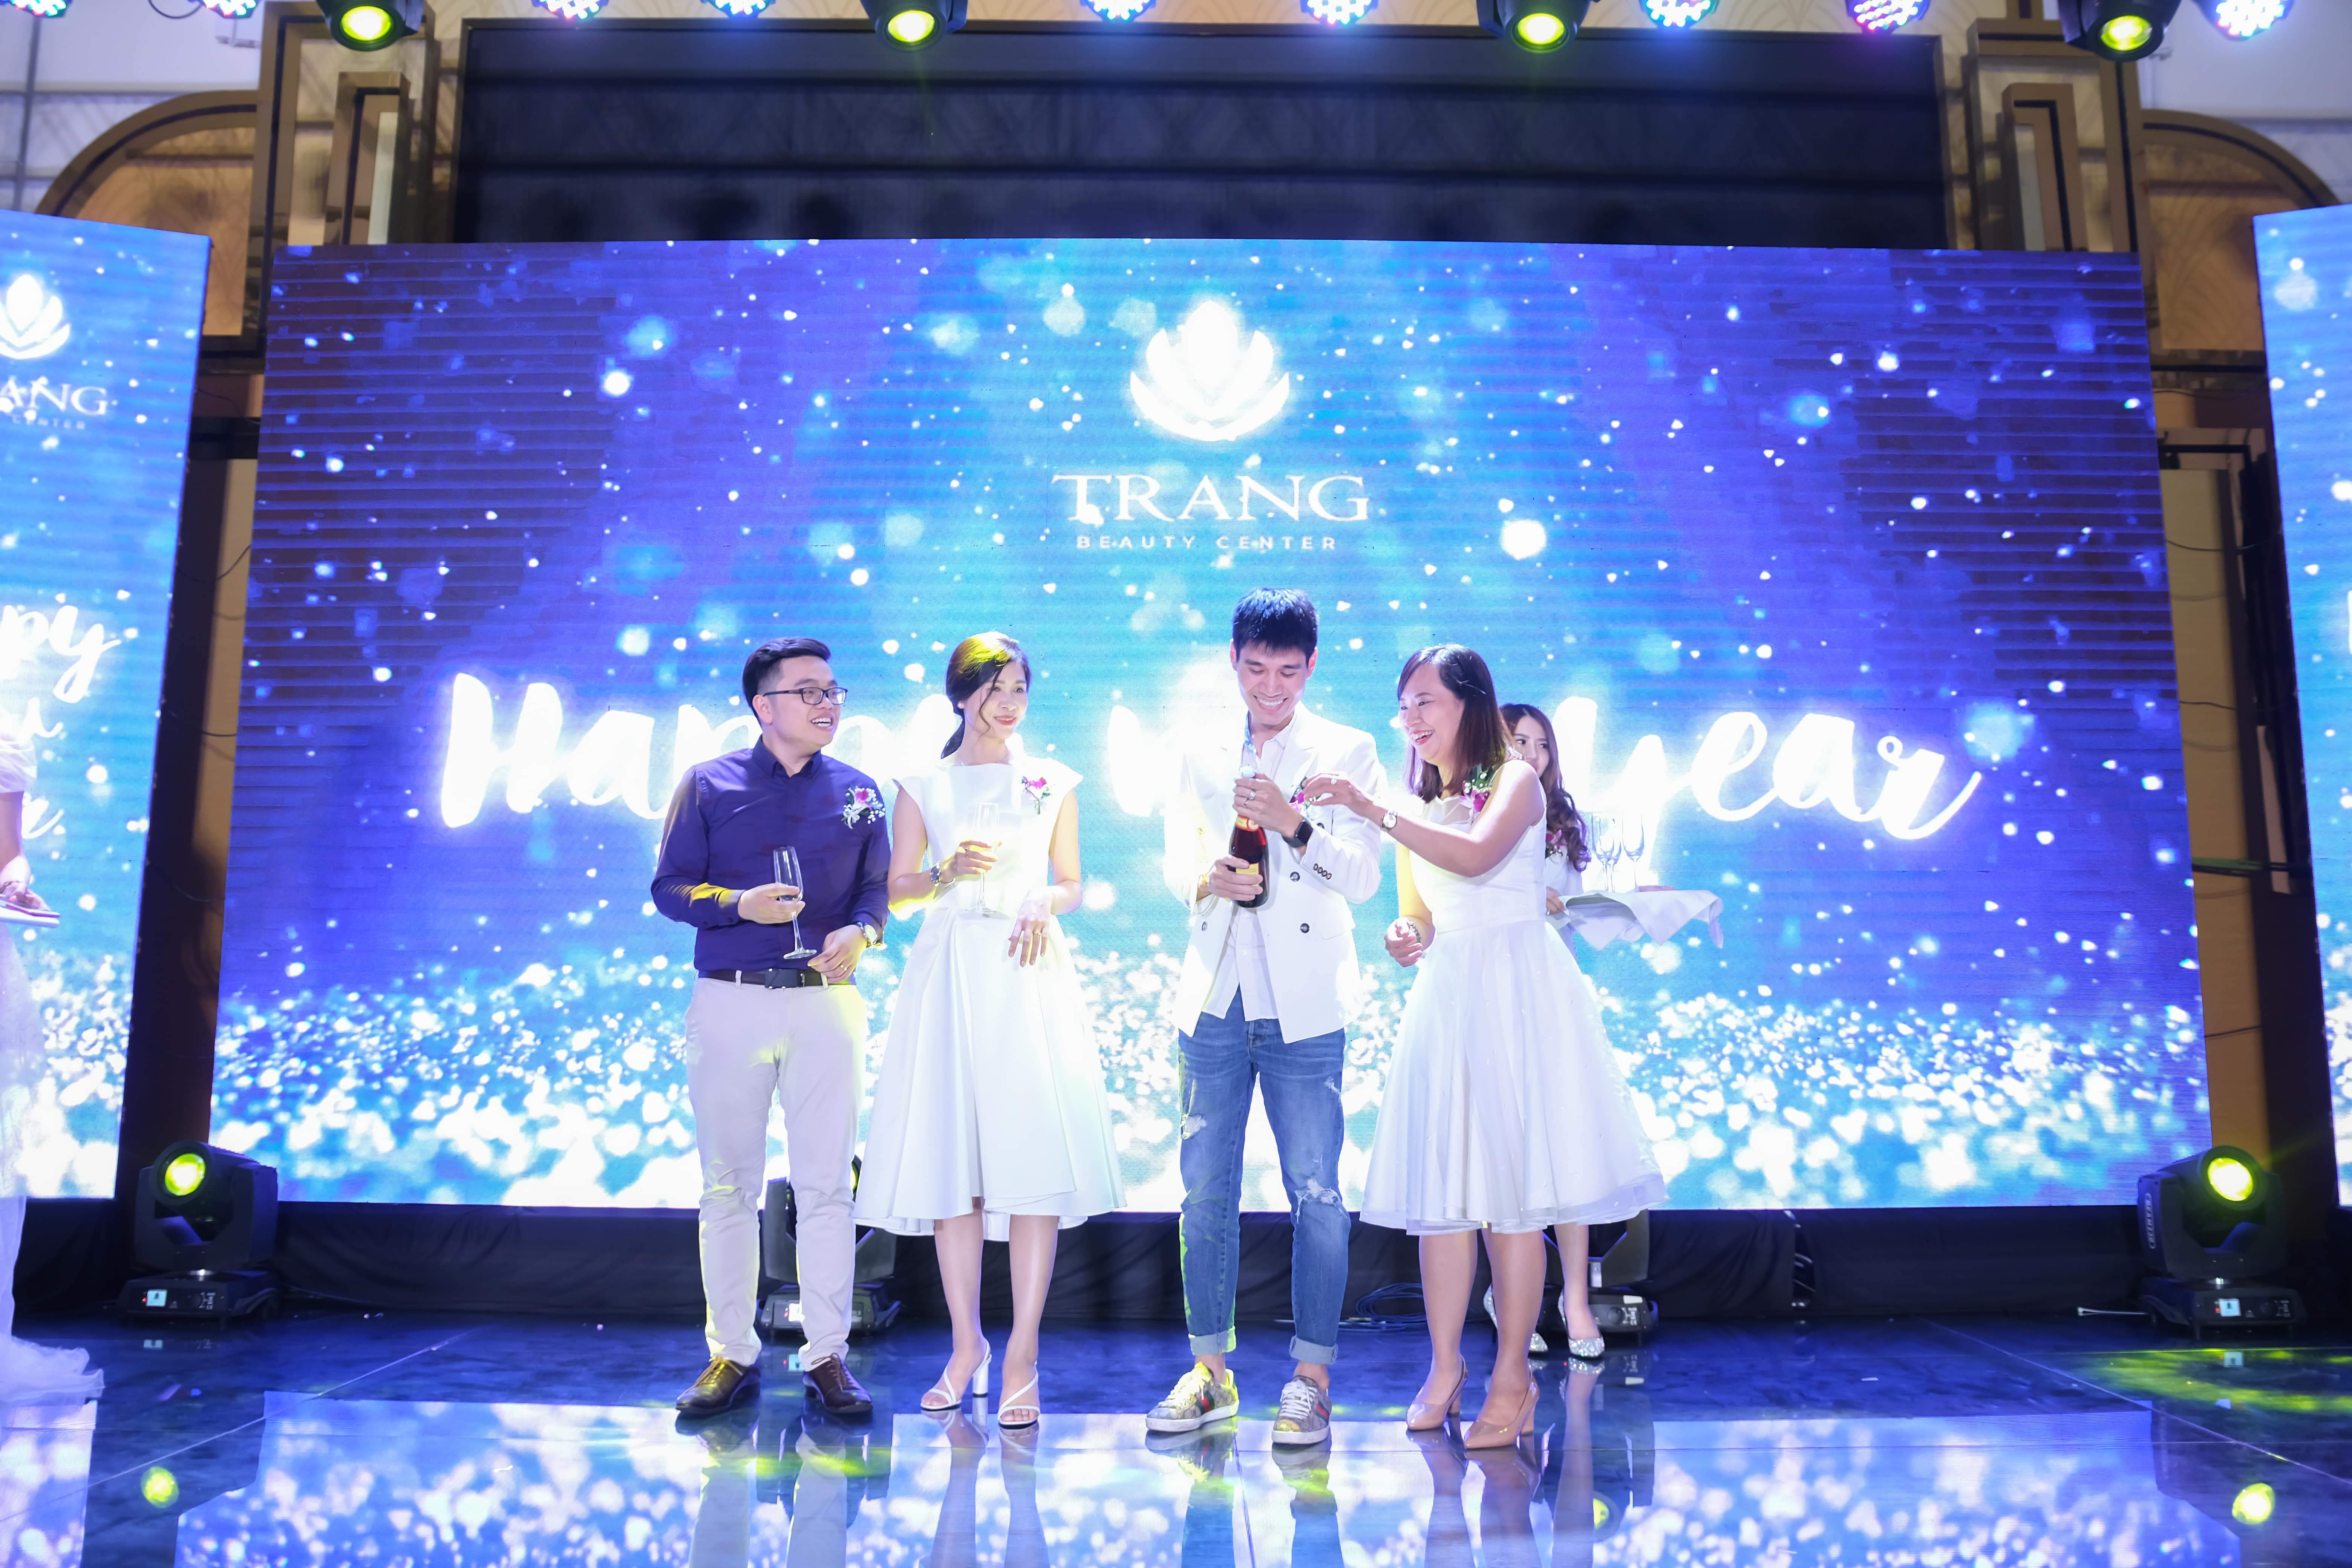 Ban lãnh đạo công ty khui sampane khai tiệc trong chương trình tổ chức sự kiện Year End Party